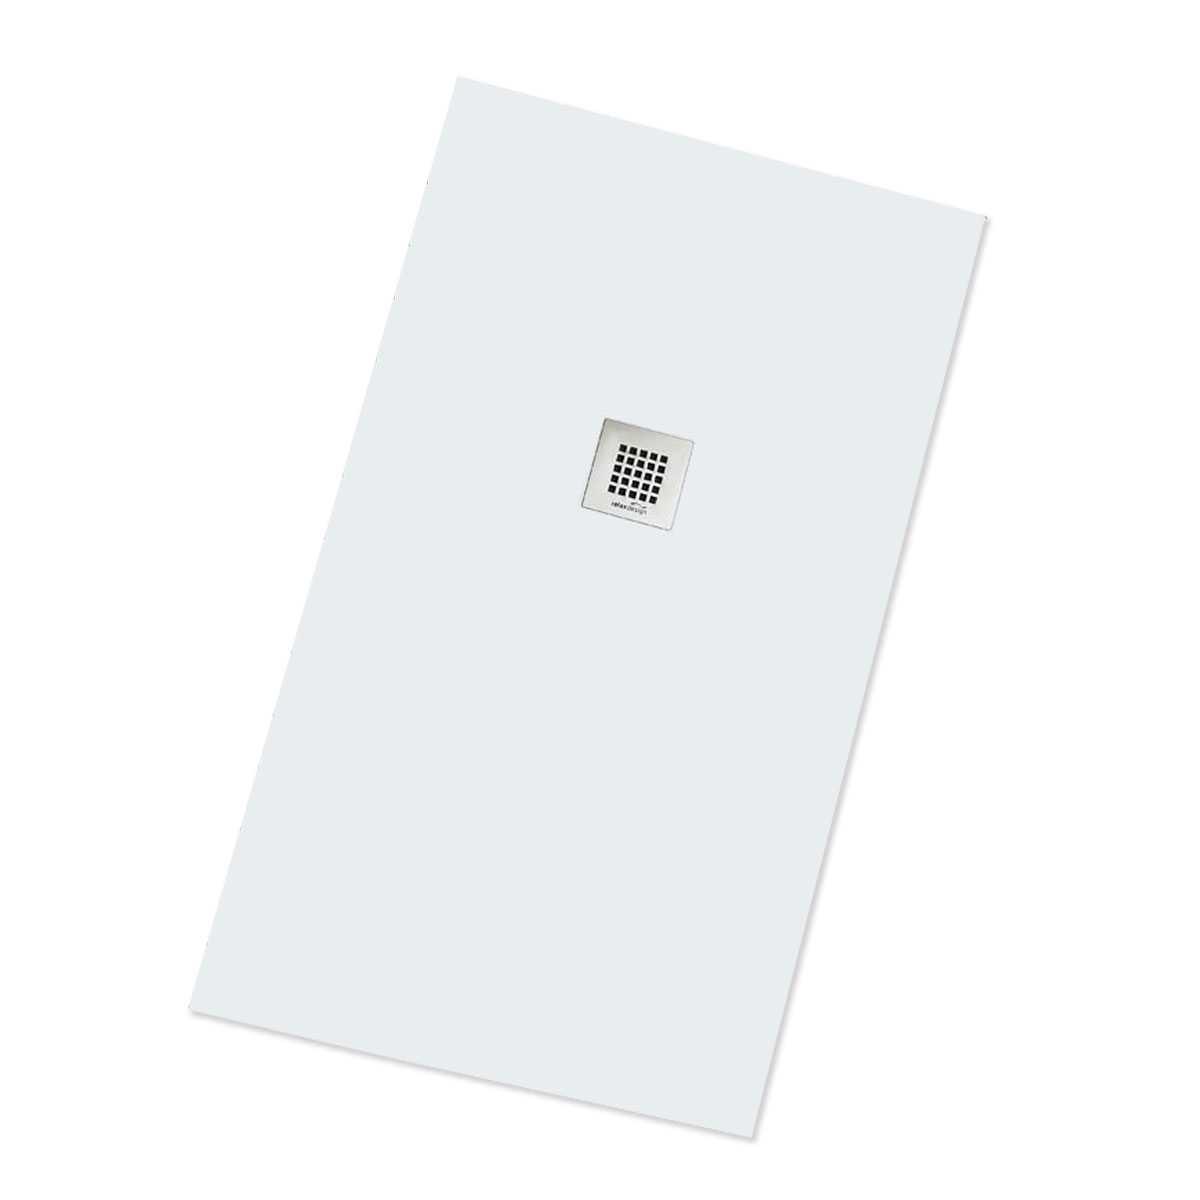 Piatto doccia ultrapiatto 70x120 colorato realizzato in solid surface con griglia inox  Rocky Solid